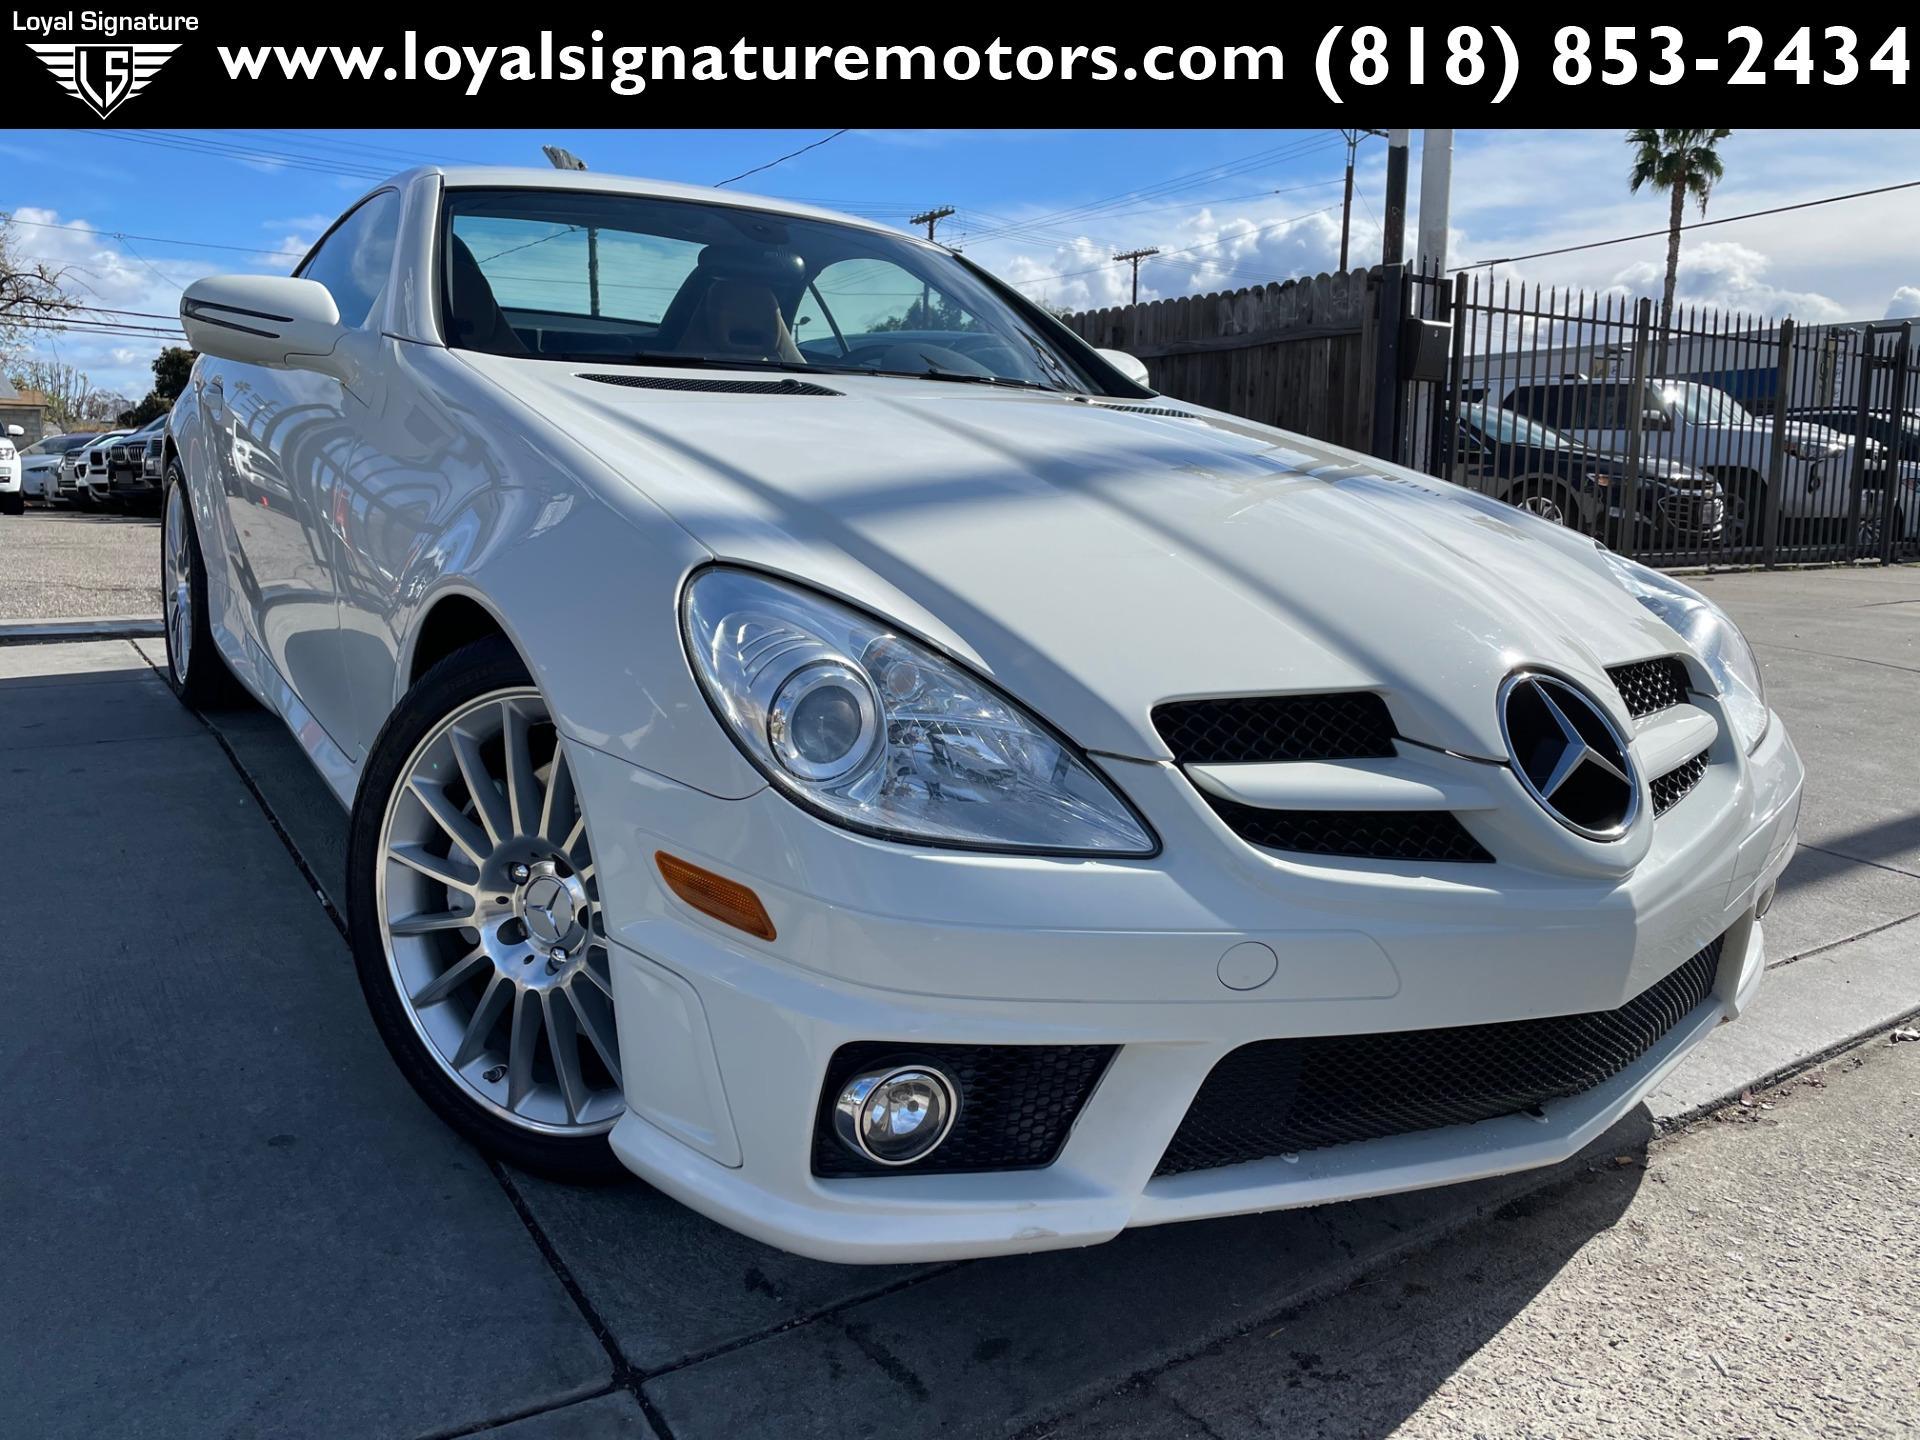 Used 2009 Mercedes-Benz SLK SLK 350 | Van Nuys, CA